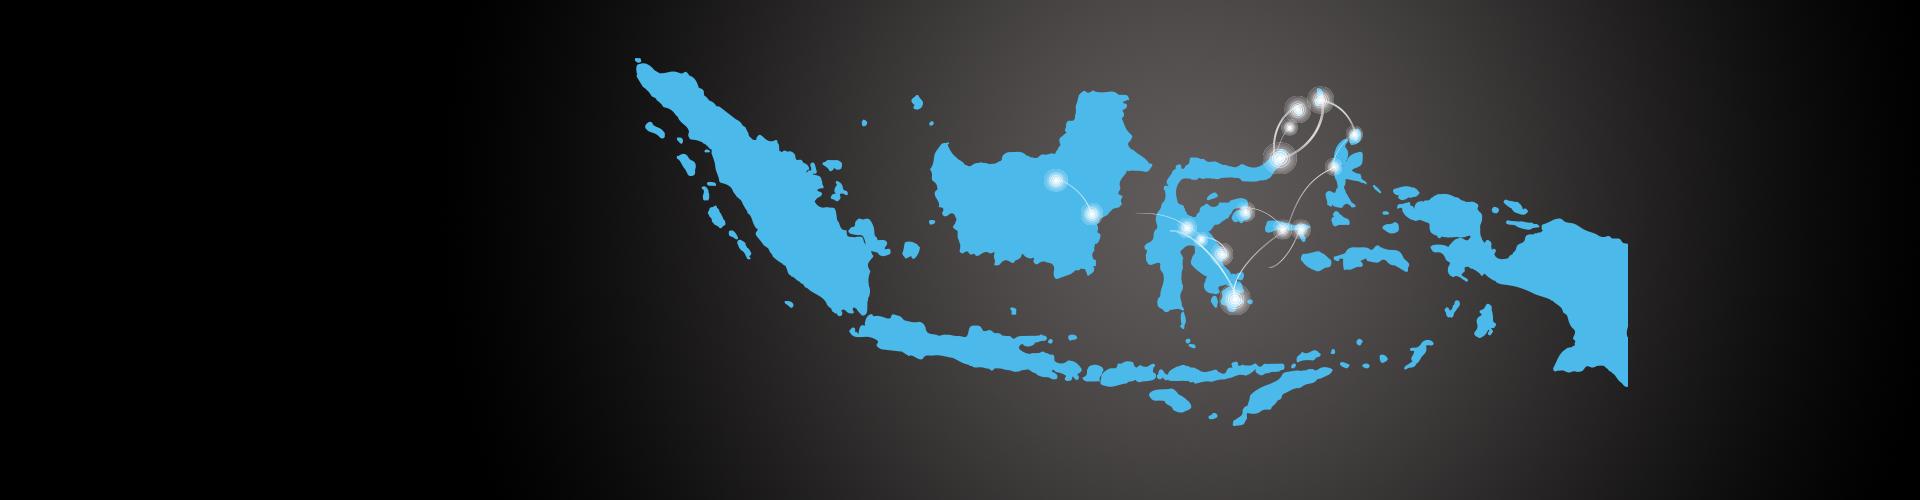 Menyatukan Indonesia